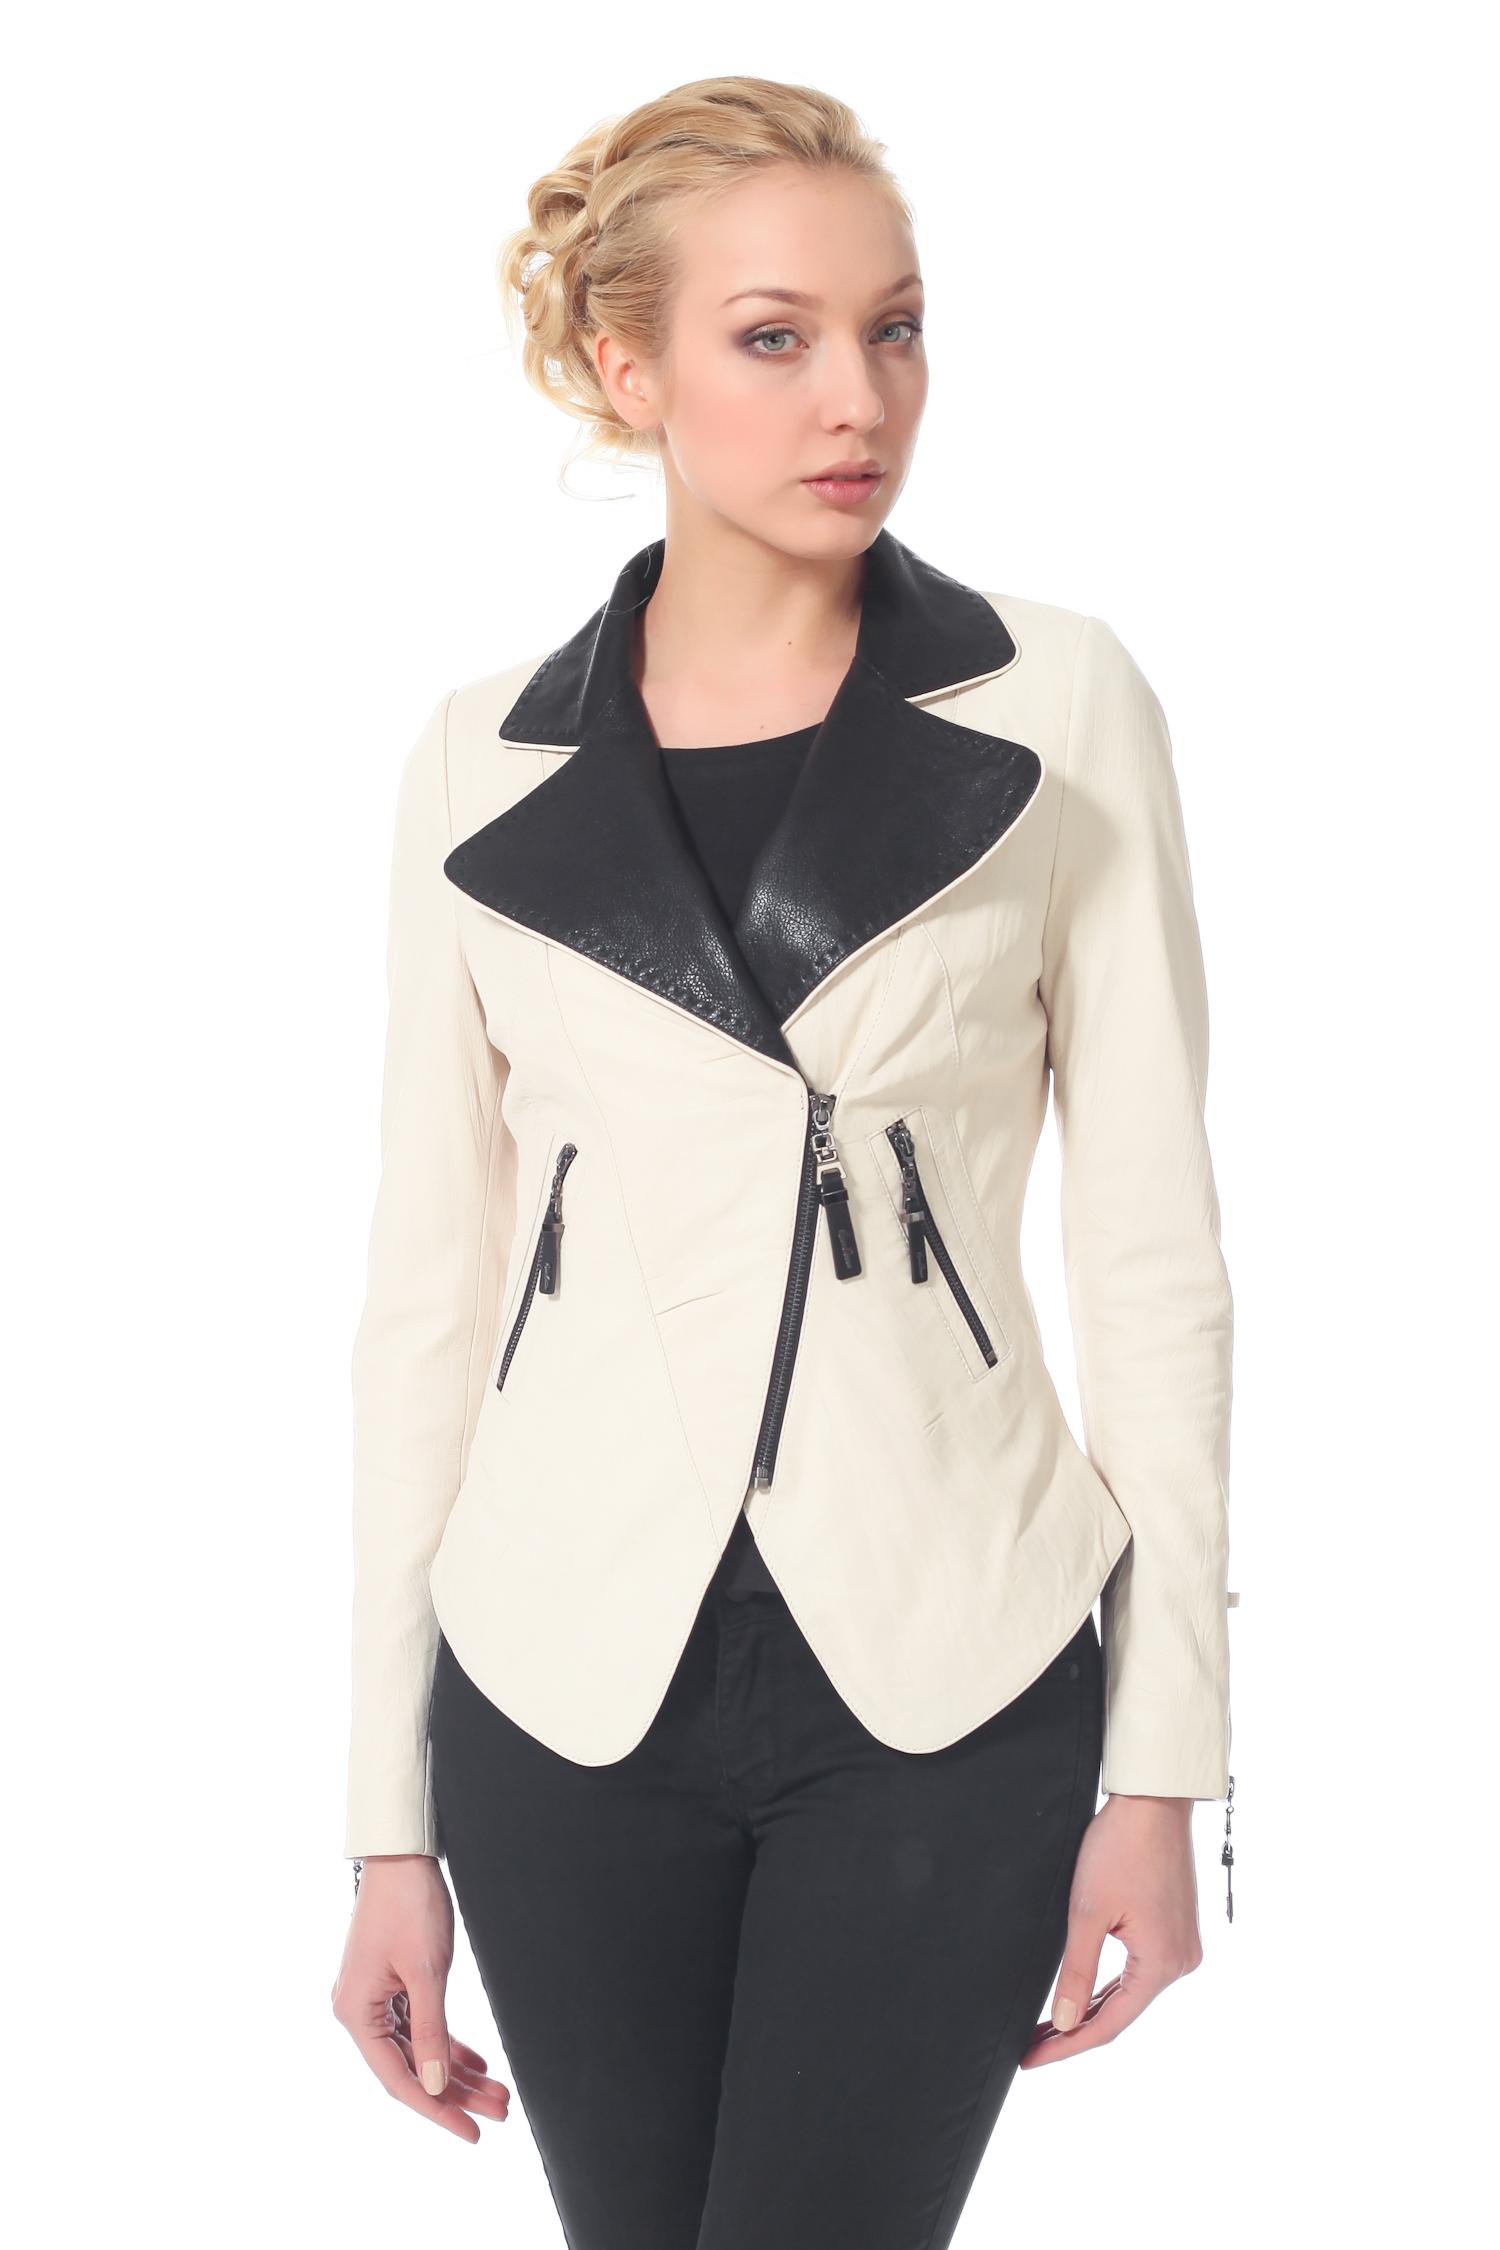 Женская кожаная куртка из натуральной кожи с воротником, без отделки<br><br>Воротник: Английский<br>Длина см: 50<br>Материал: Натуральная кожа<br>Цвет: Бежевый<br>Пол: Женский